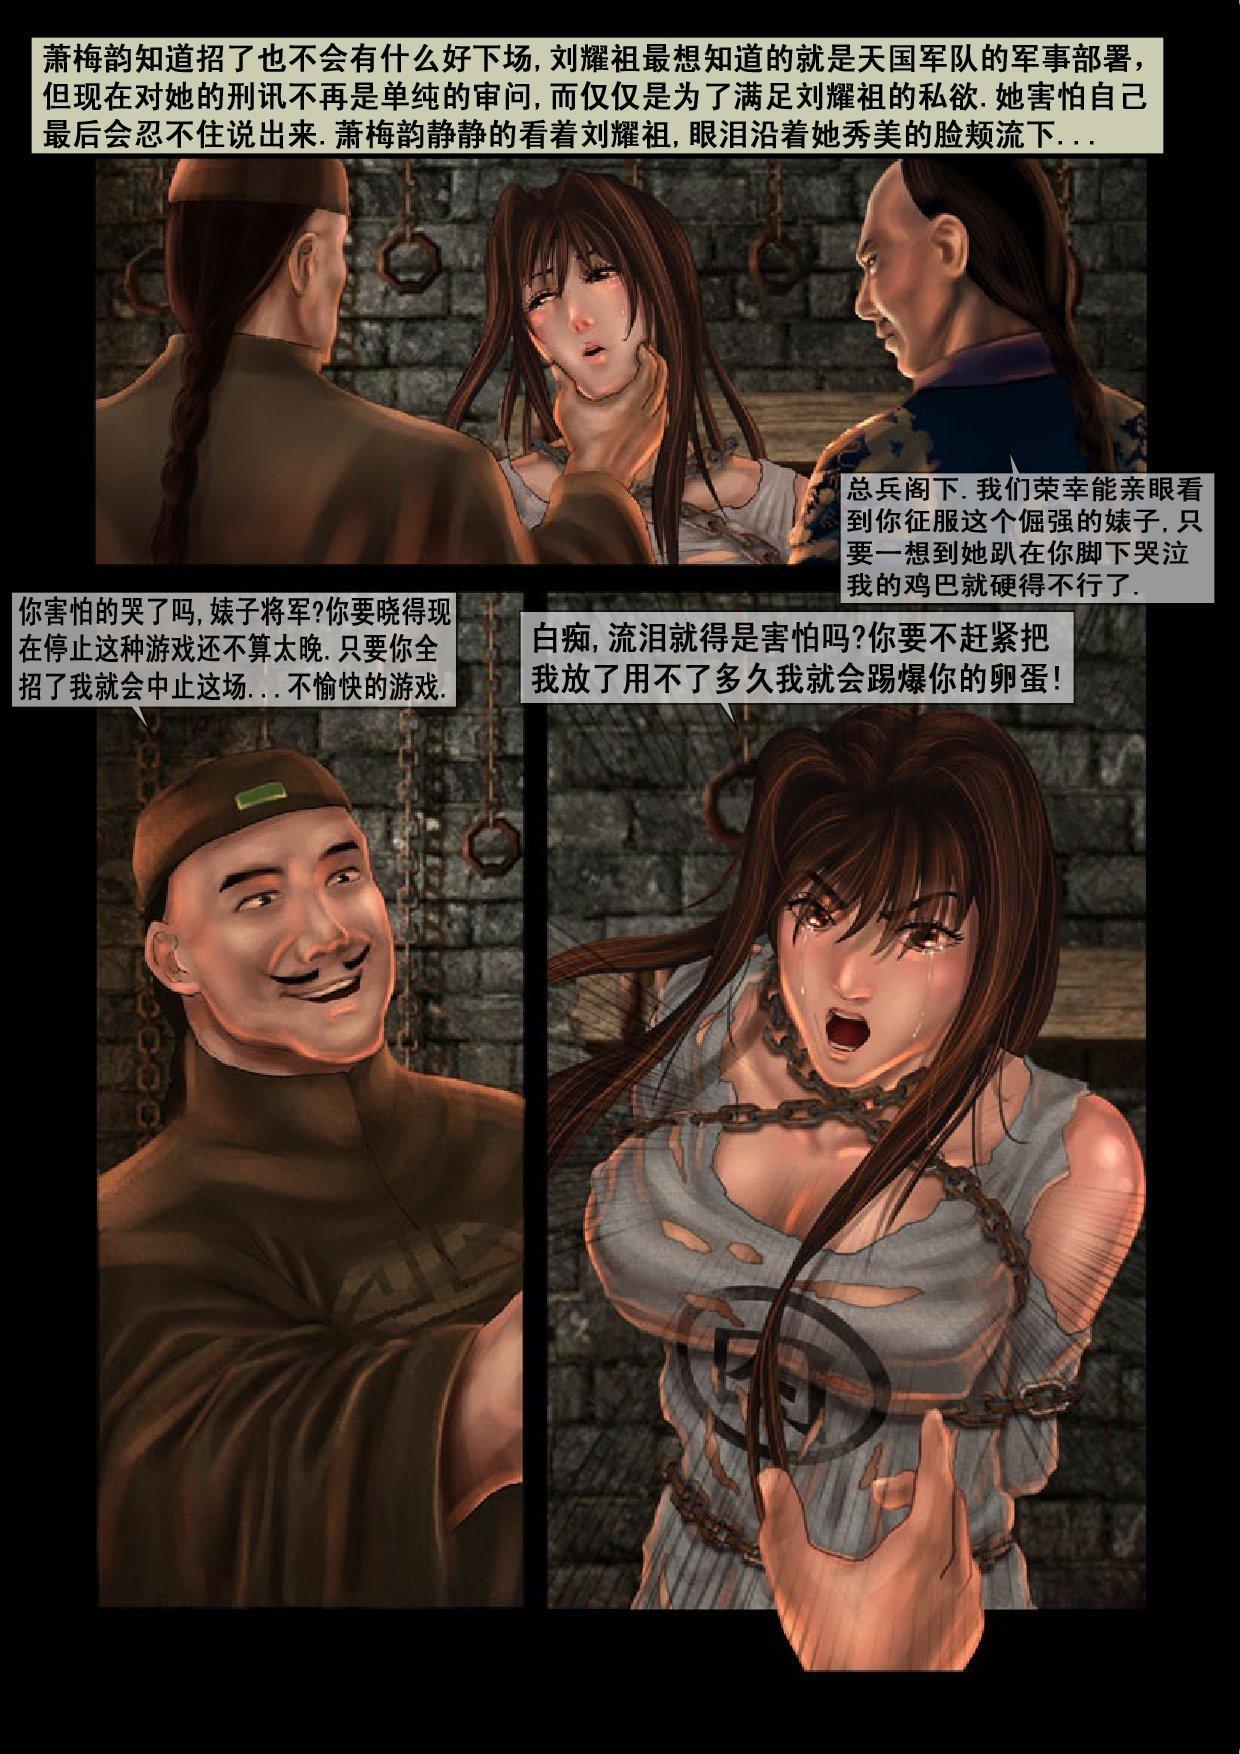 中国军阀的性奴1 29